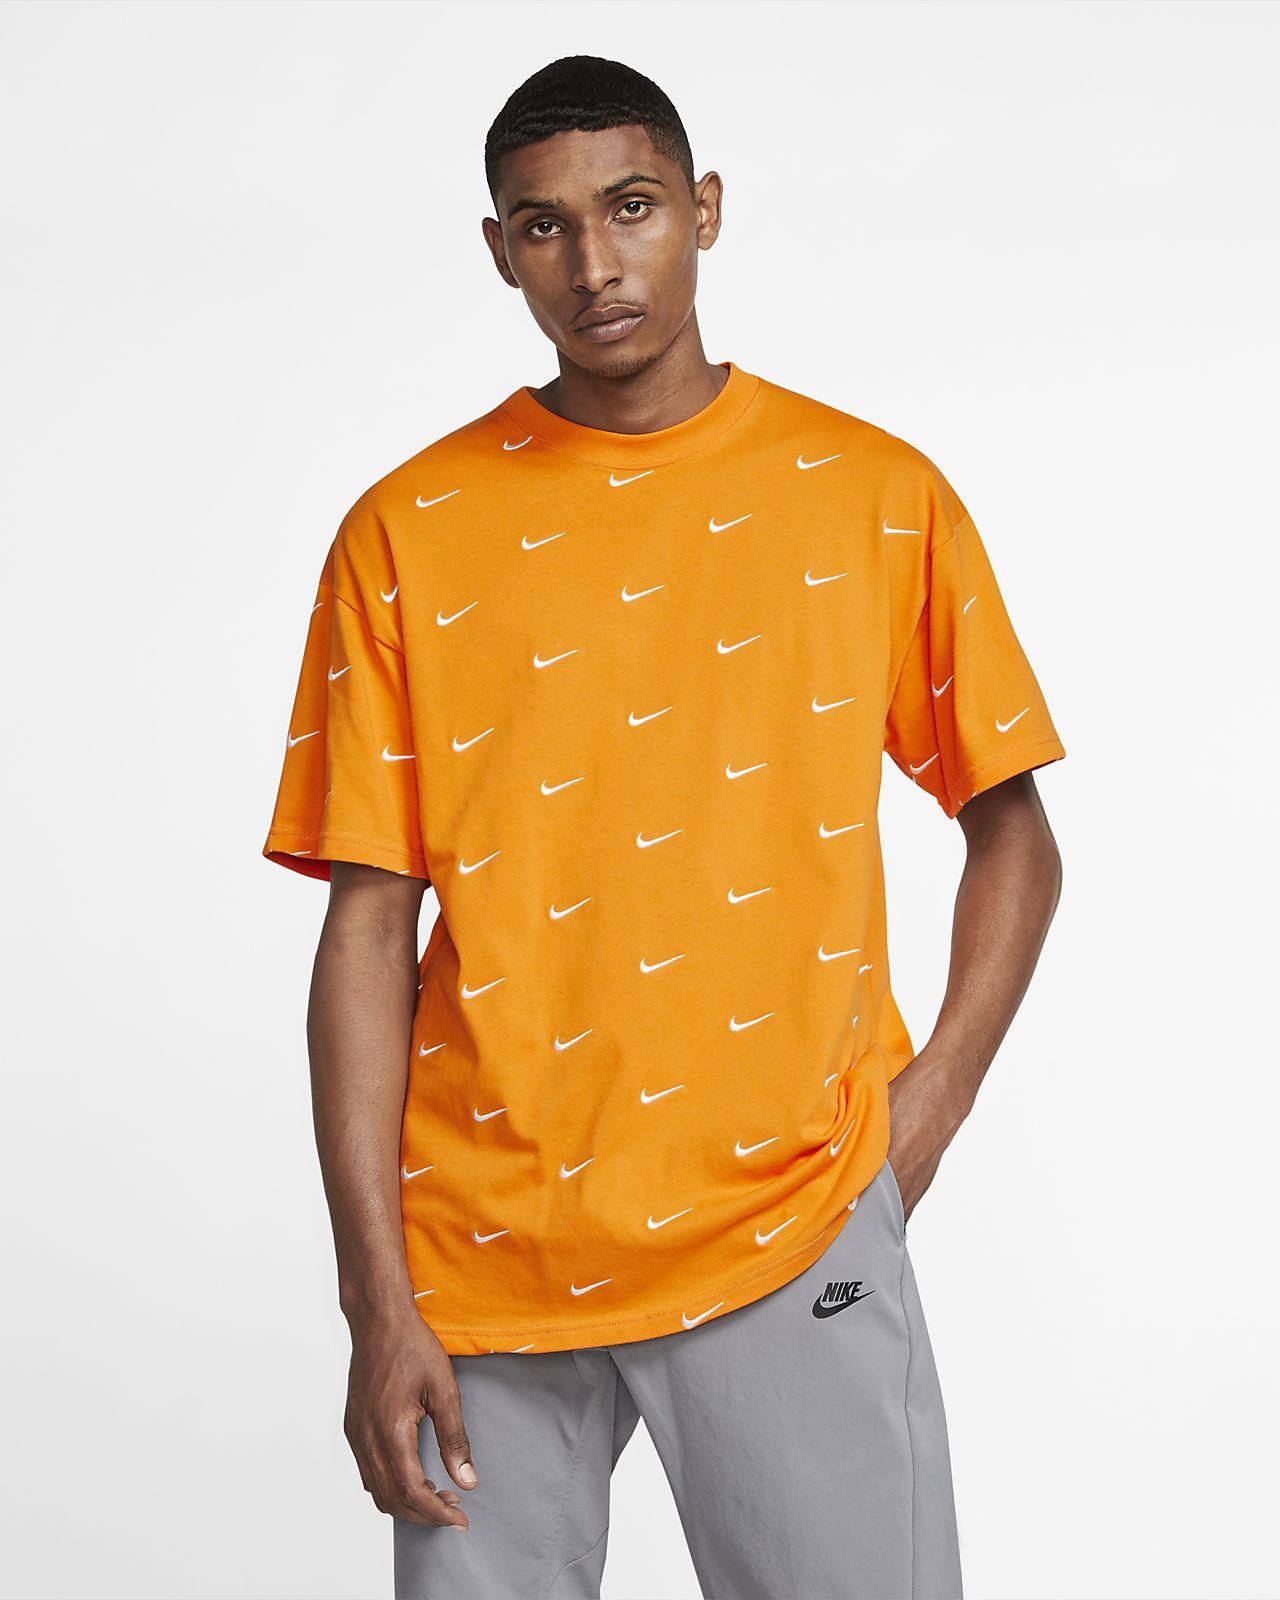 ナイキ メンズ スウッシュ ロゴ Tシャツ